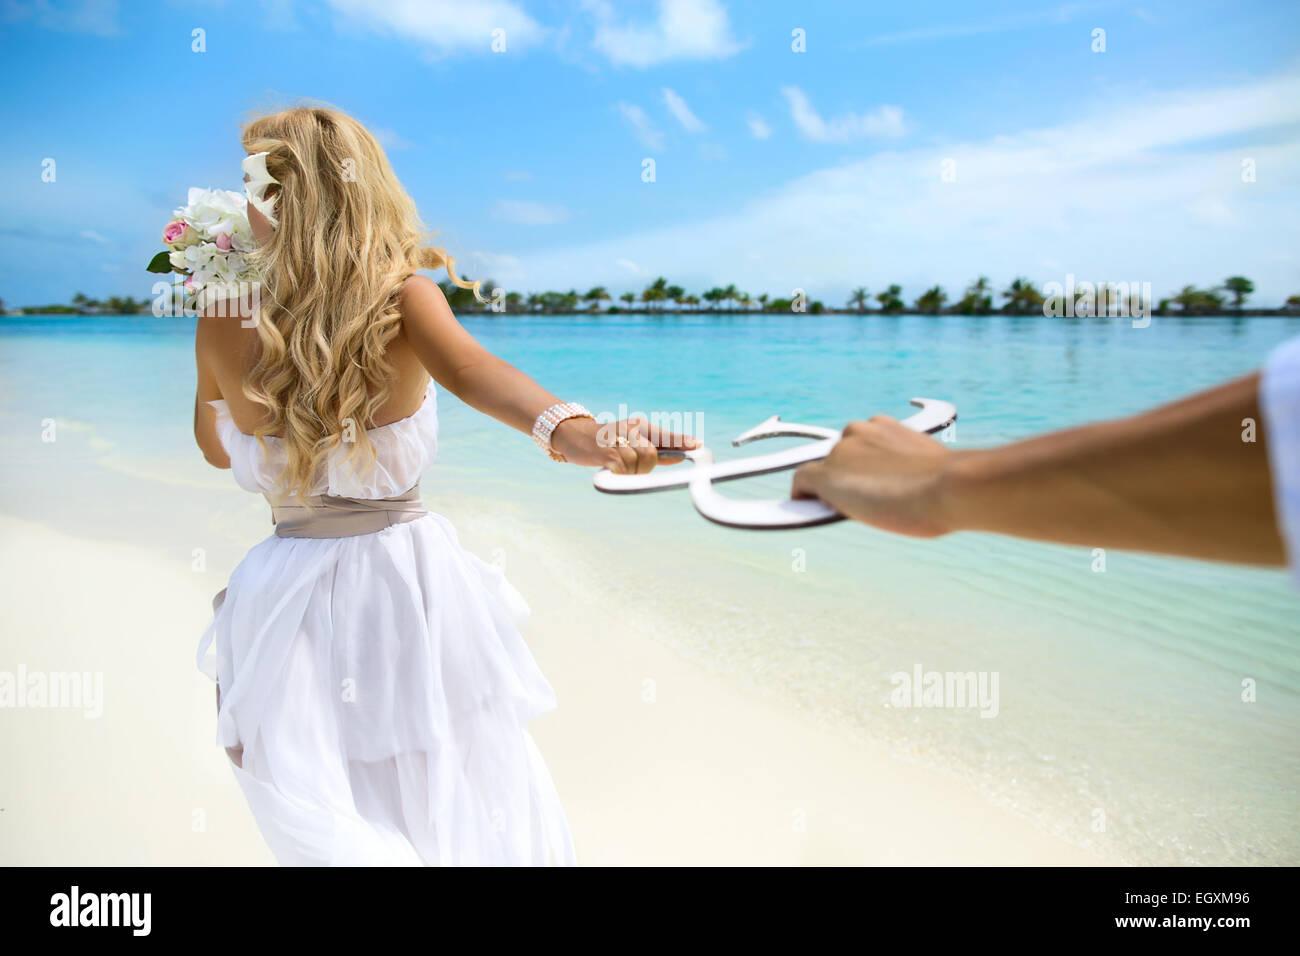 Hochzeit Auf Den Malediven Stockfoto Bild 79262658 Alamy